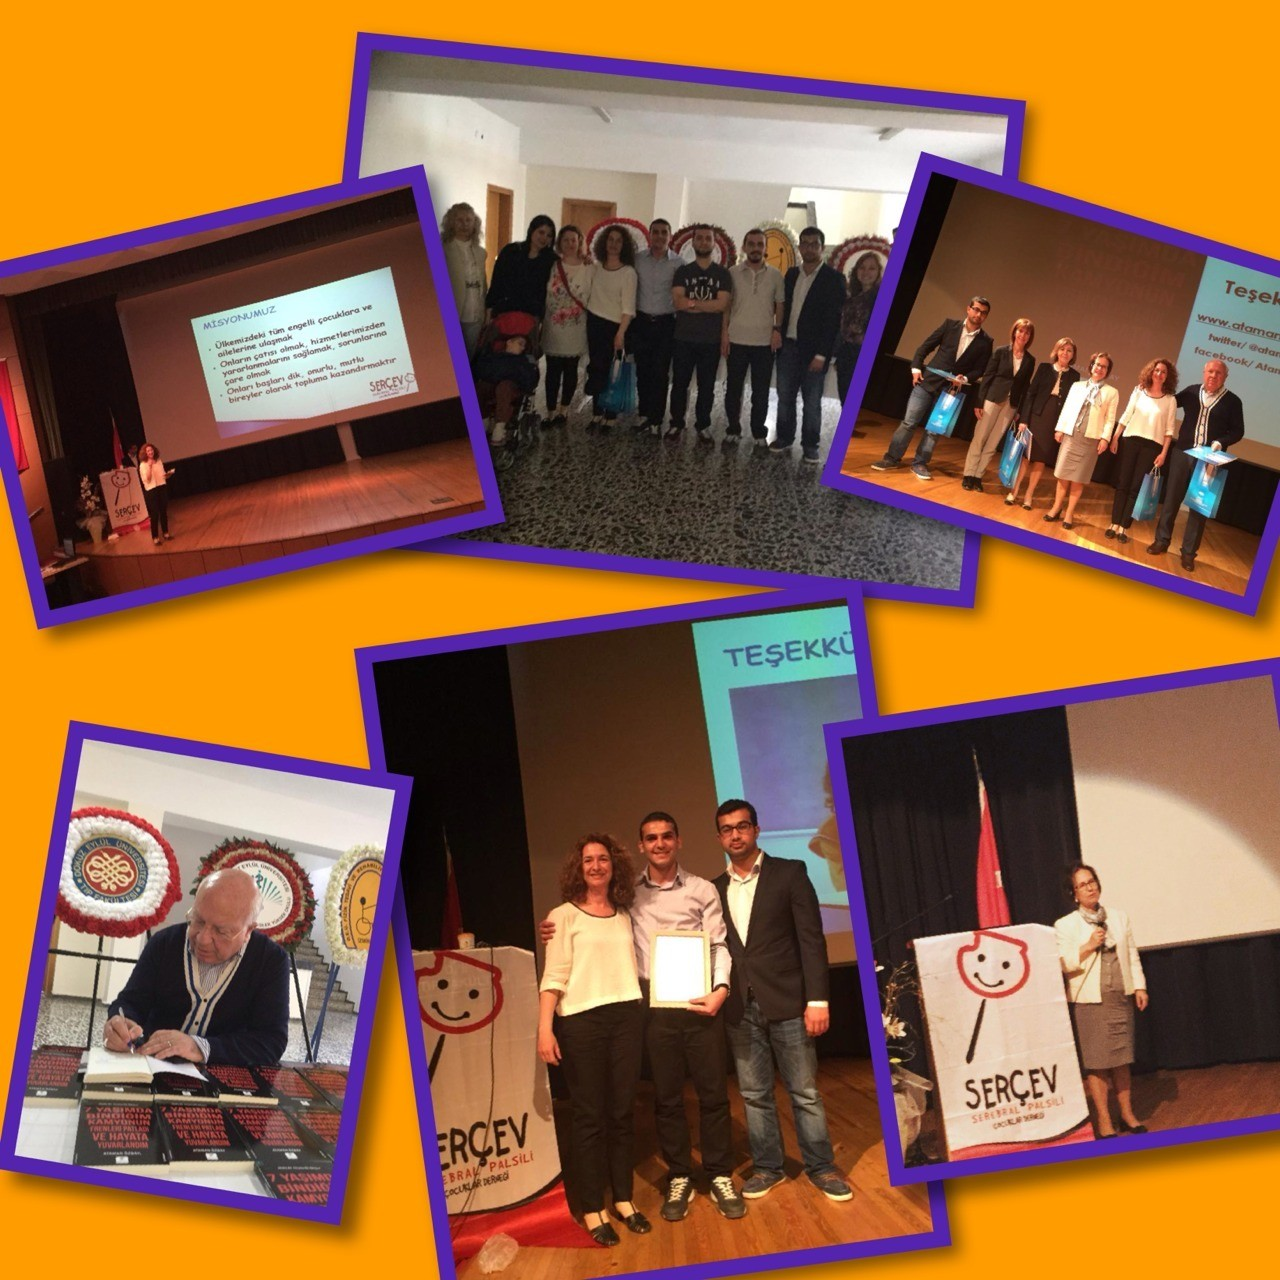 SERÇEV İZMİR'DE Dokuz Eylül Üniversitesinin daveti üzerine serebral palsi farkındalığı için serçev Izmir'deydi...